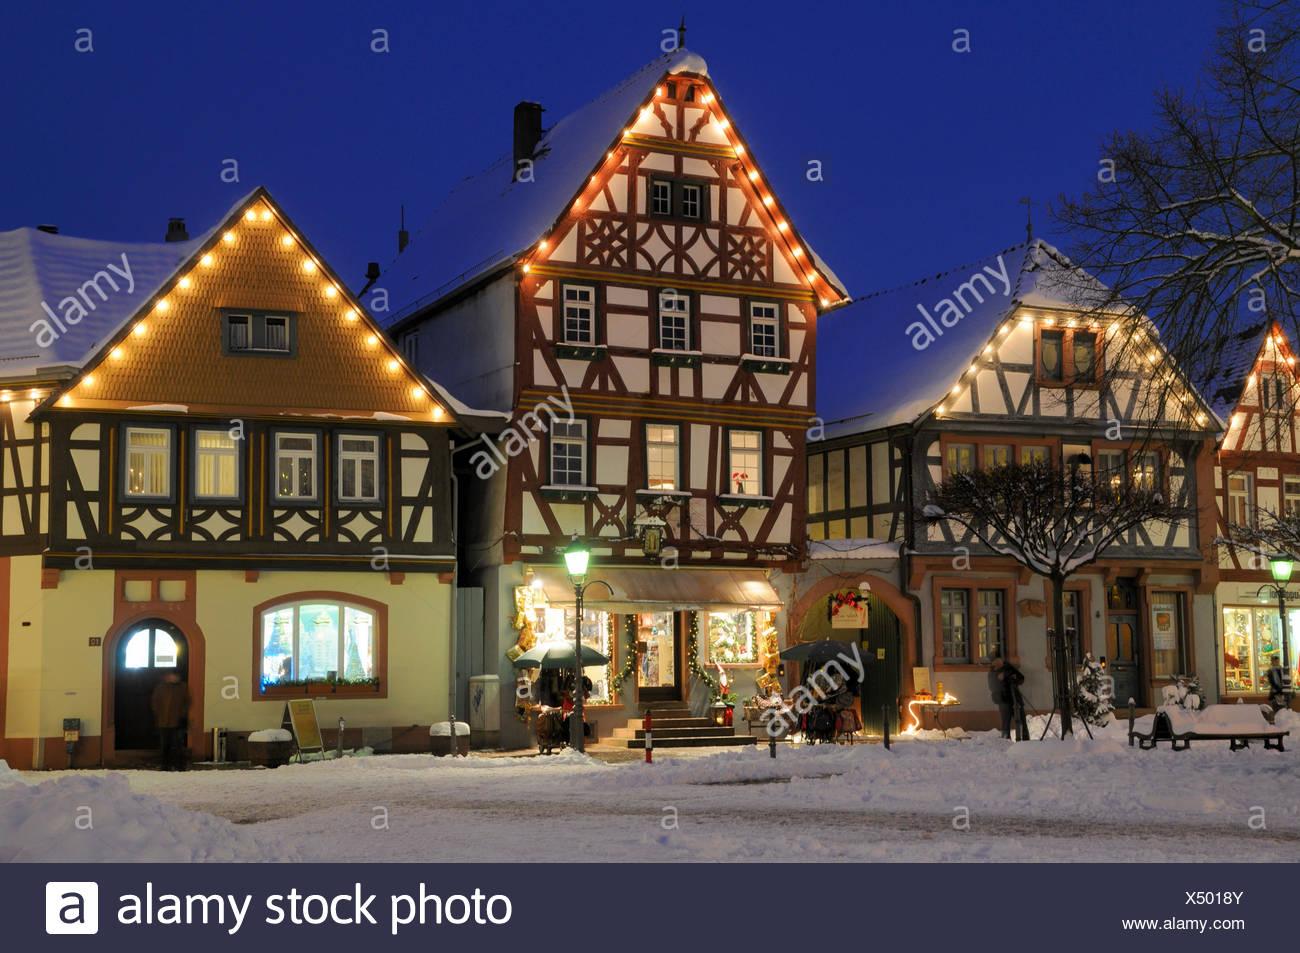 Haus Weihnachtsbeleuchtung.Seligenstadt Marktplatz Fachwerkhaus Fachwerkhauser